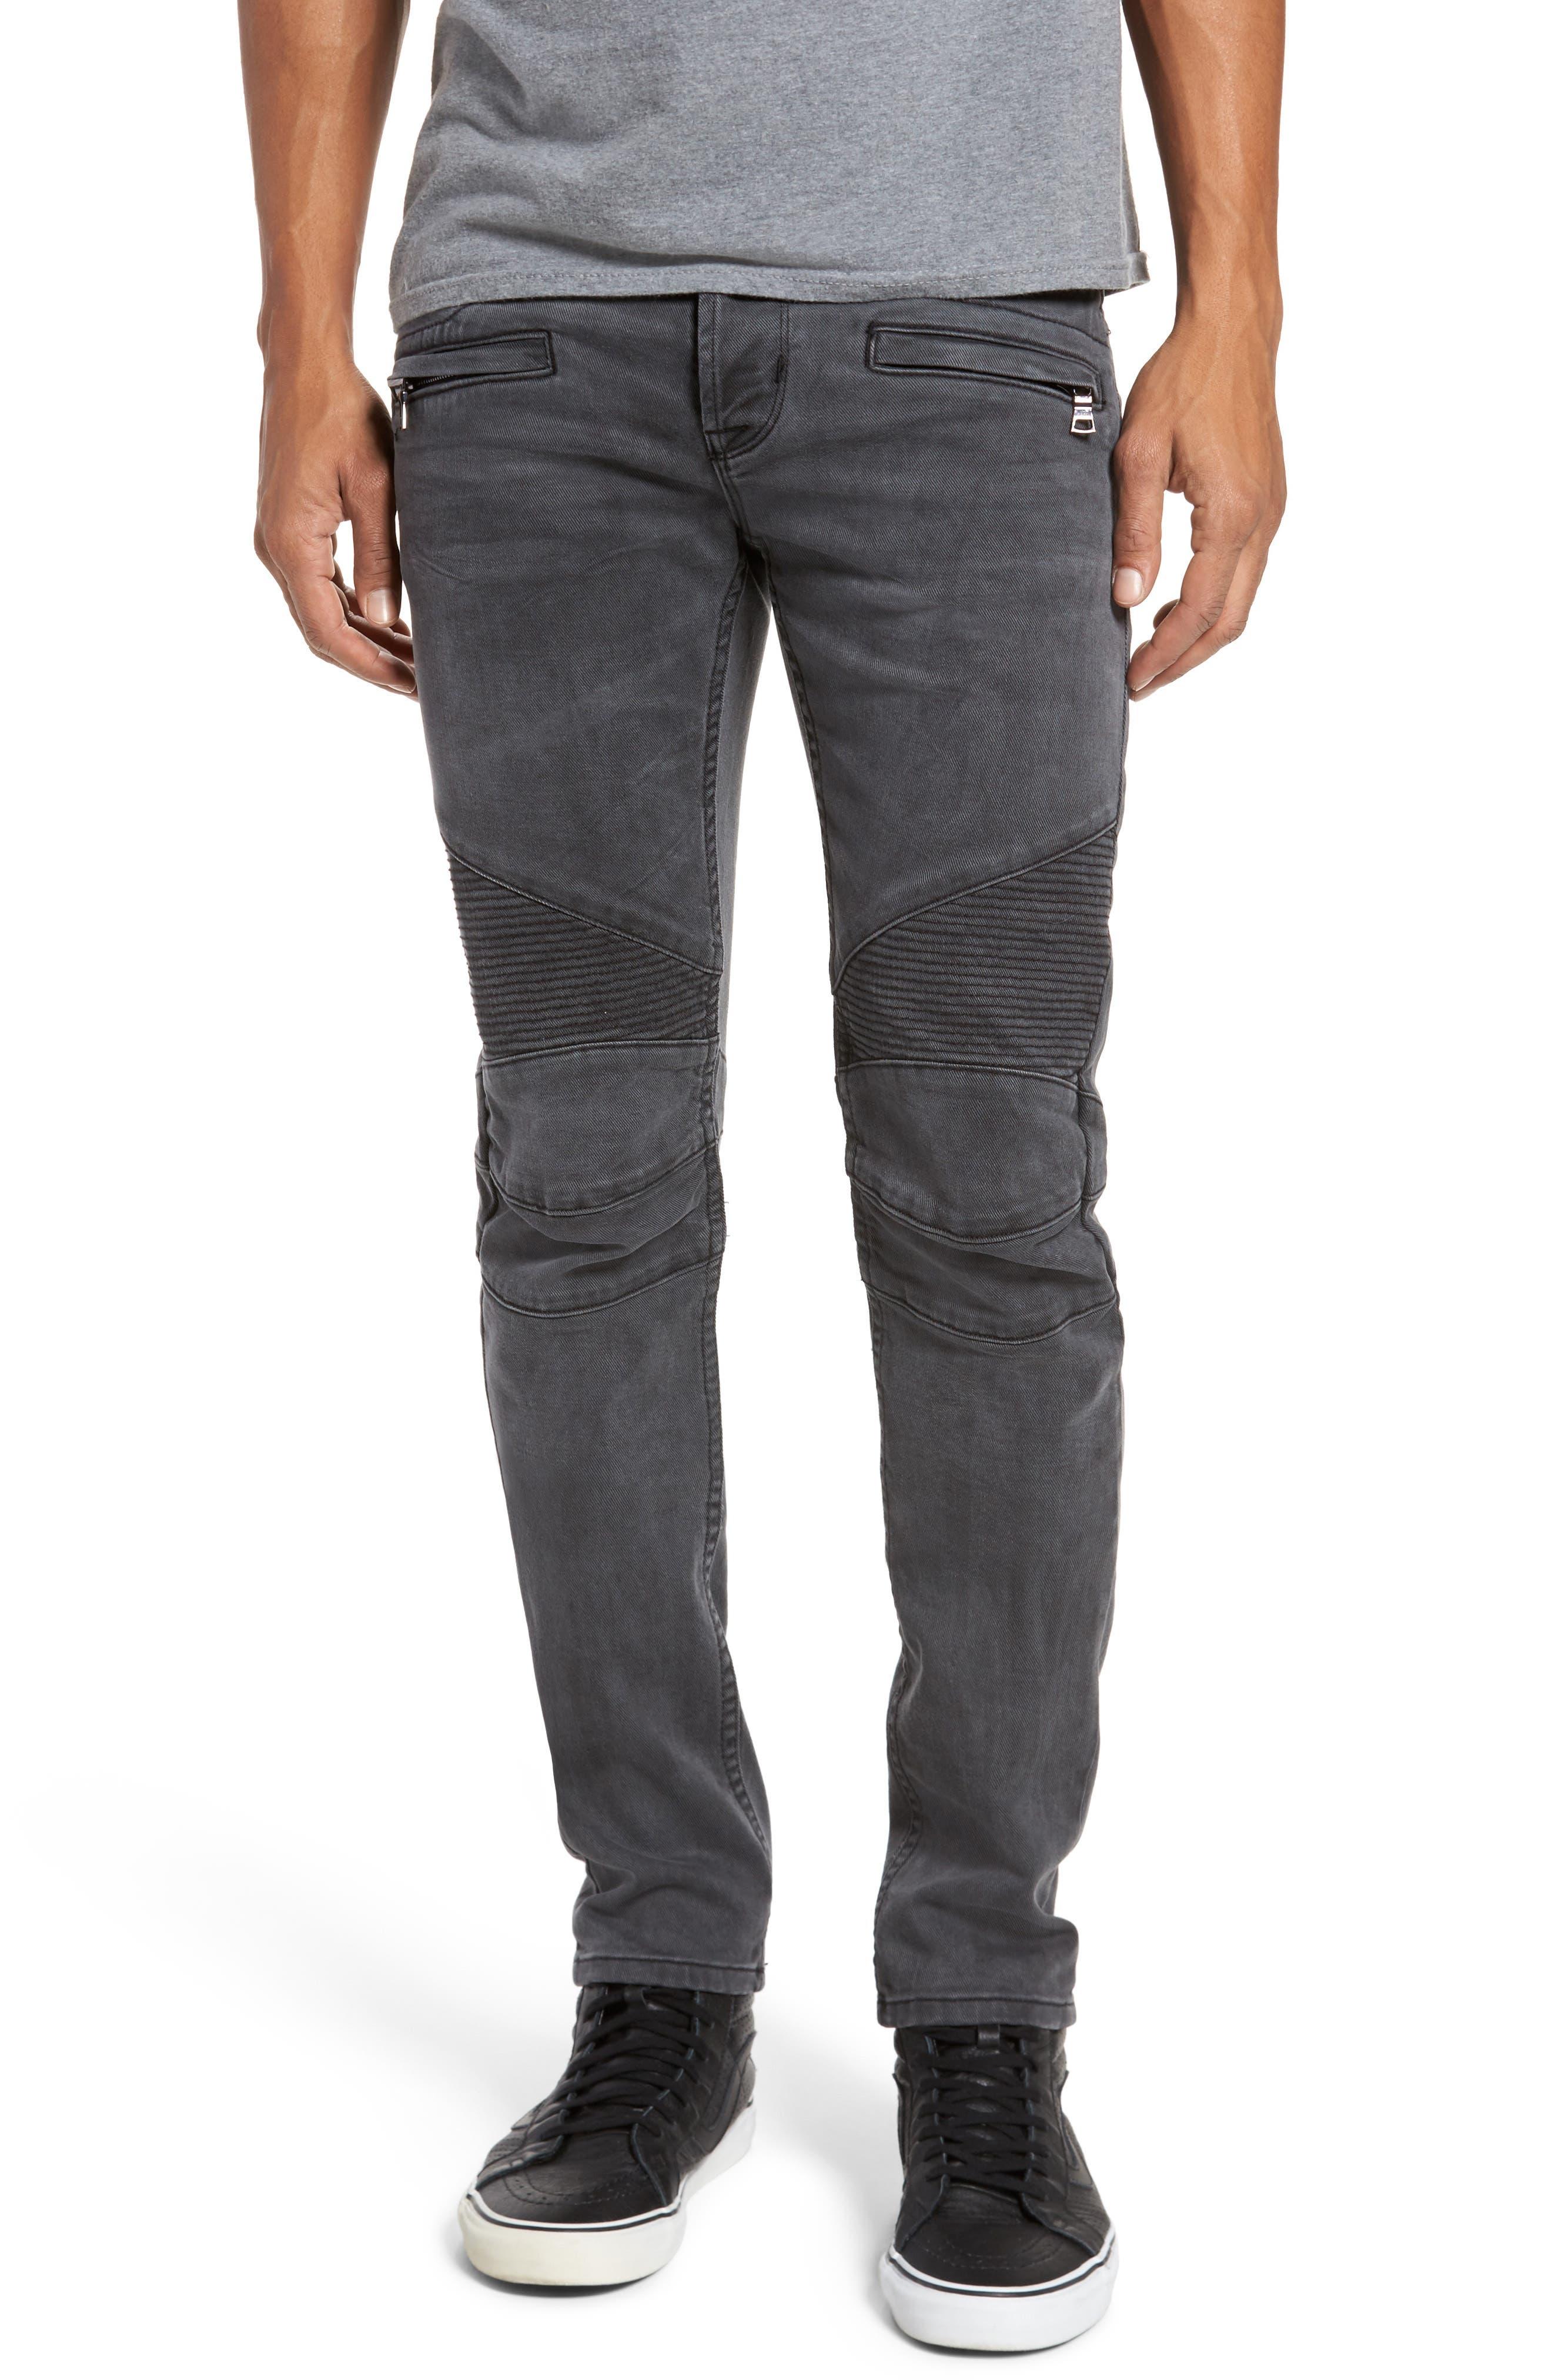 Main Image - Hudson Jeans Blinder Biker Moto Skinny Fit Jeans (Mixtape)